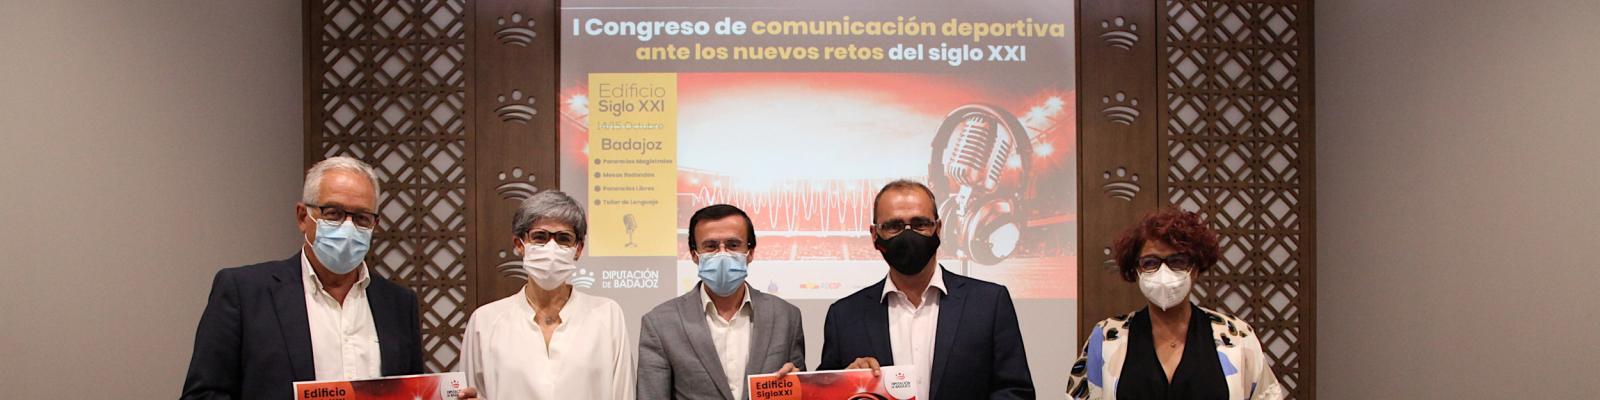 La Diputación de Badajoz abordará en un congreso los nuevos retos del periodismo deportivo